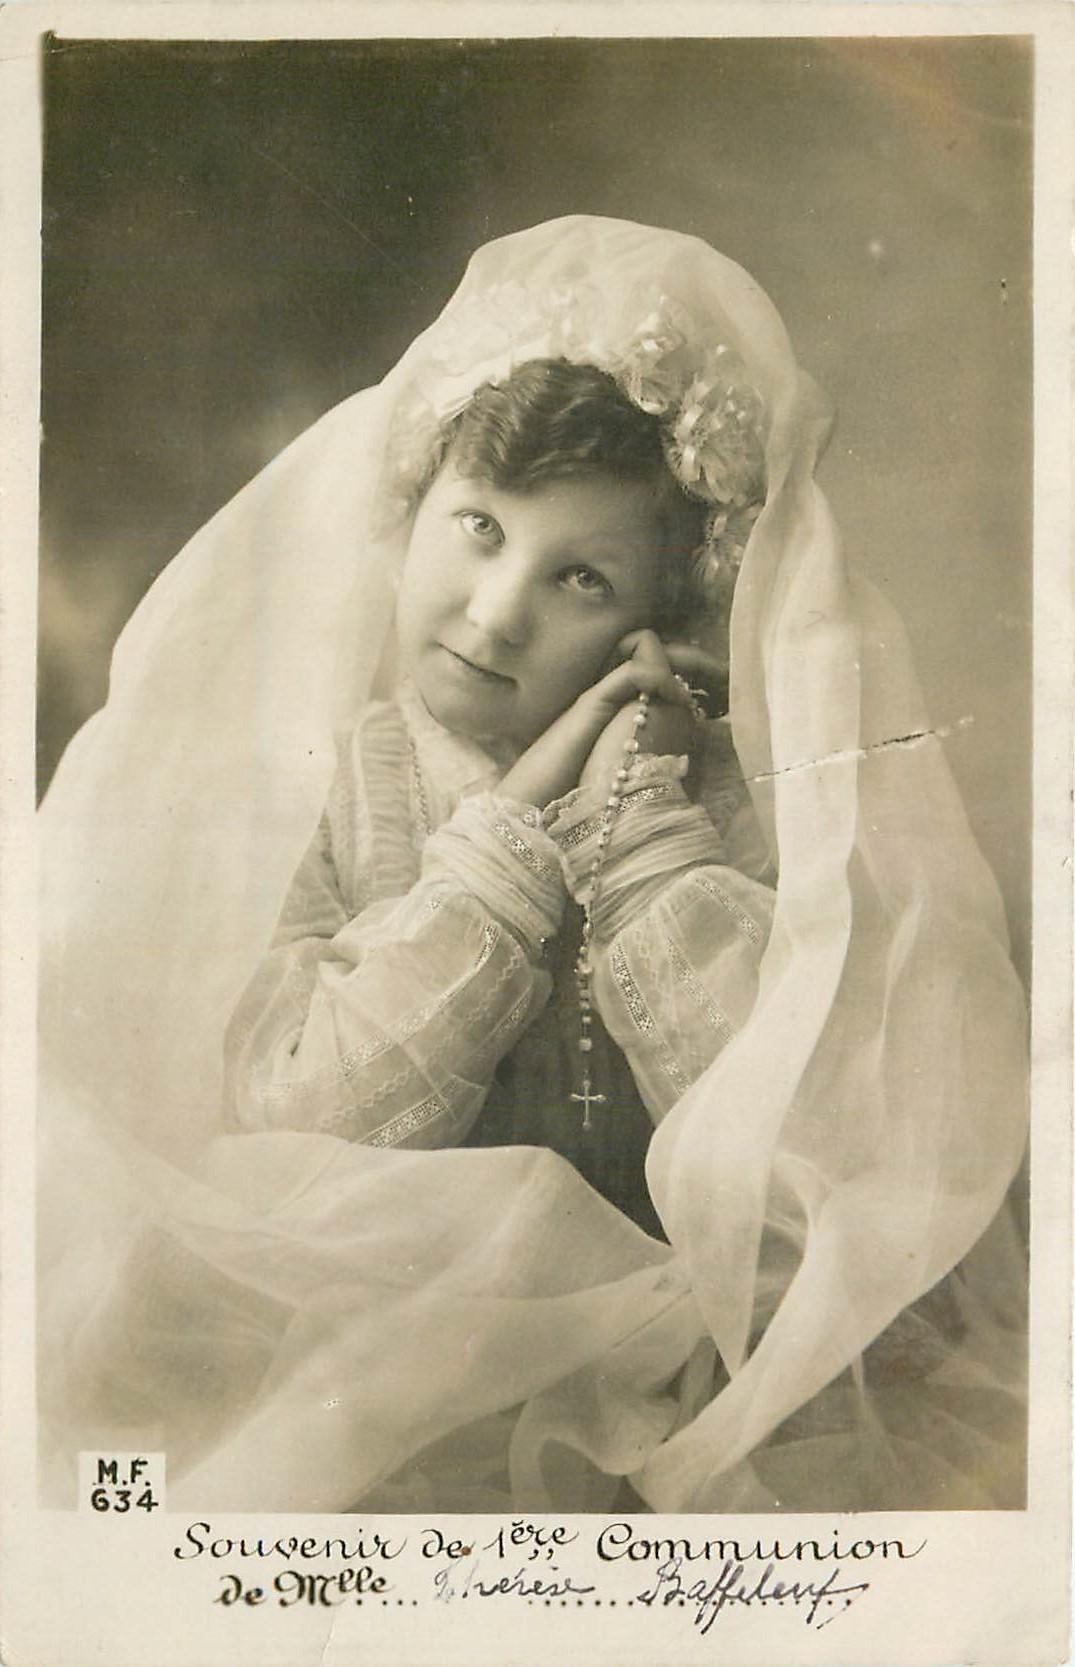 Souvenir de la 1ère Communion Fillette avec Chapelet 1908